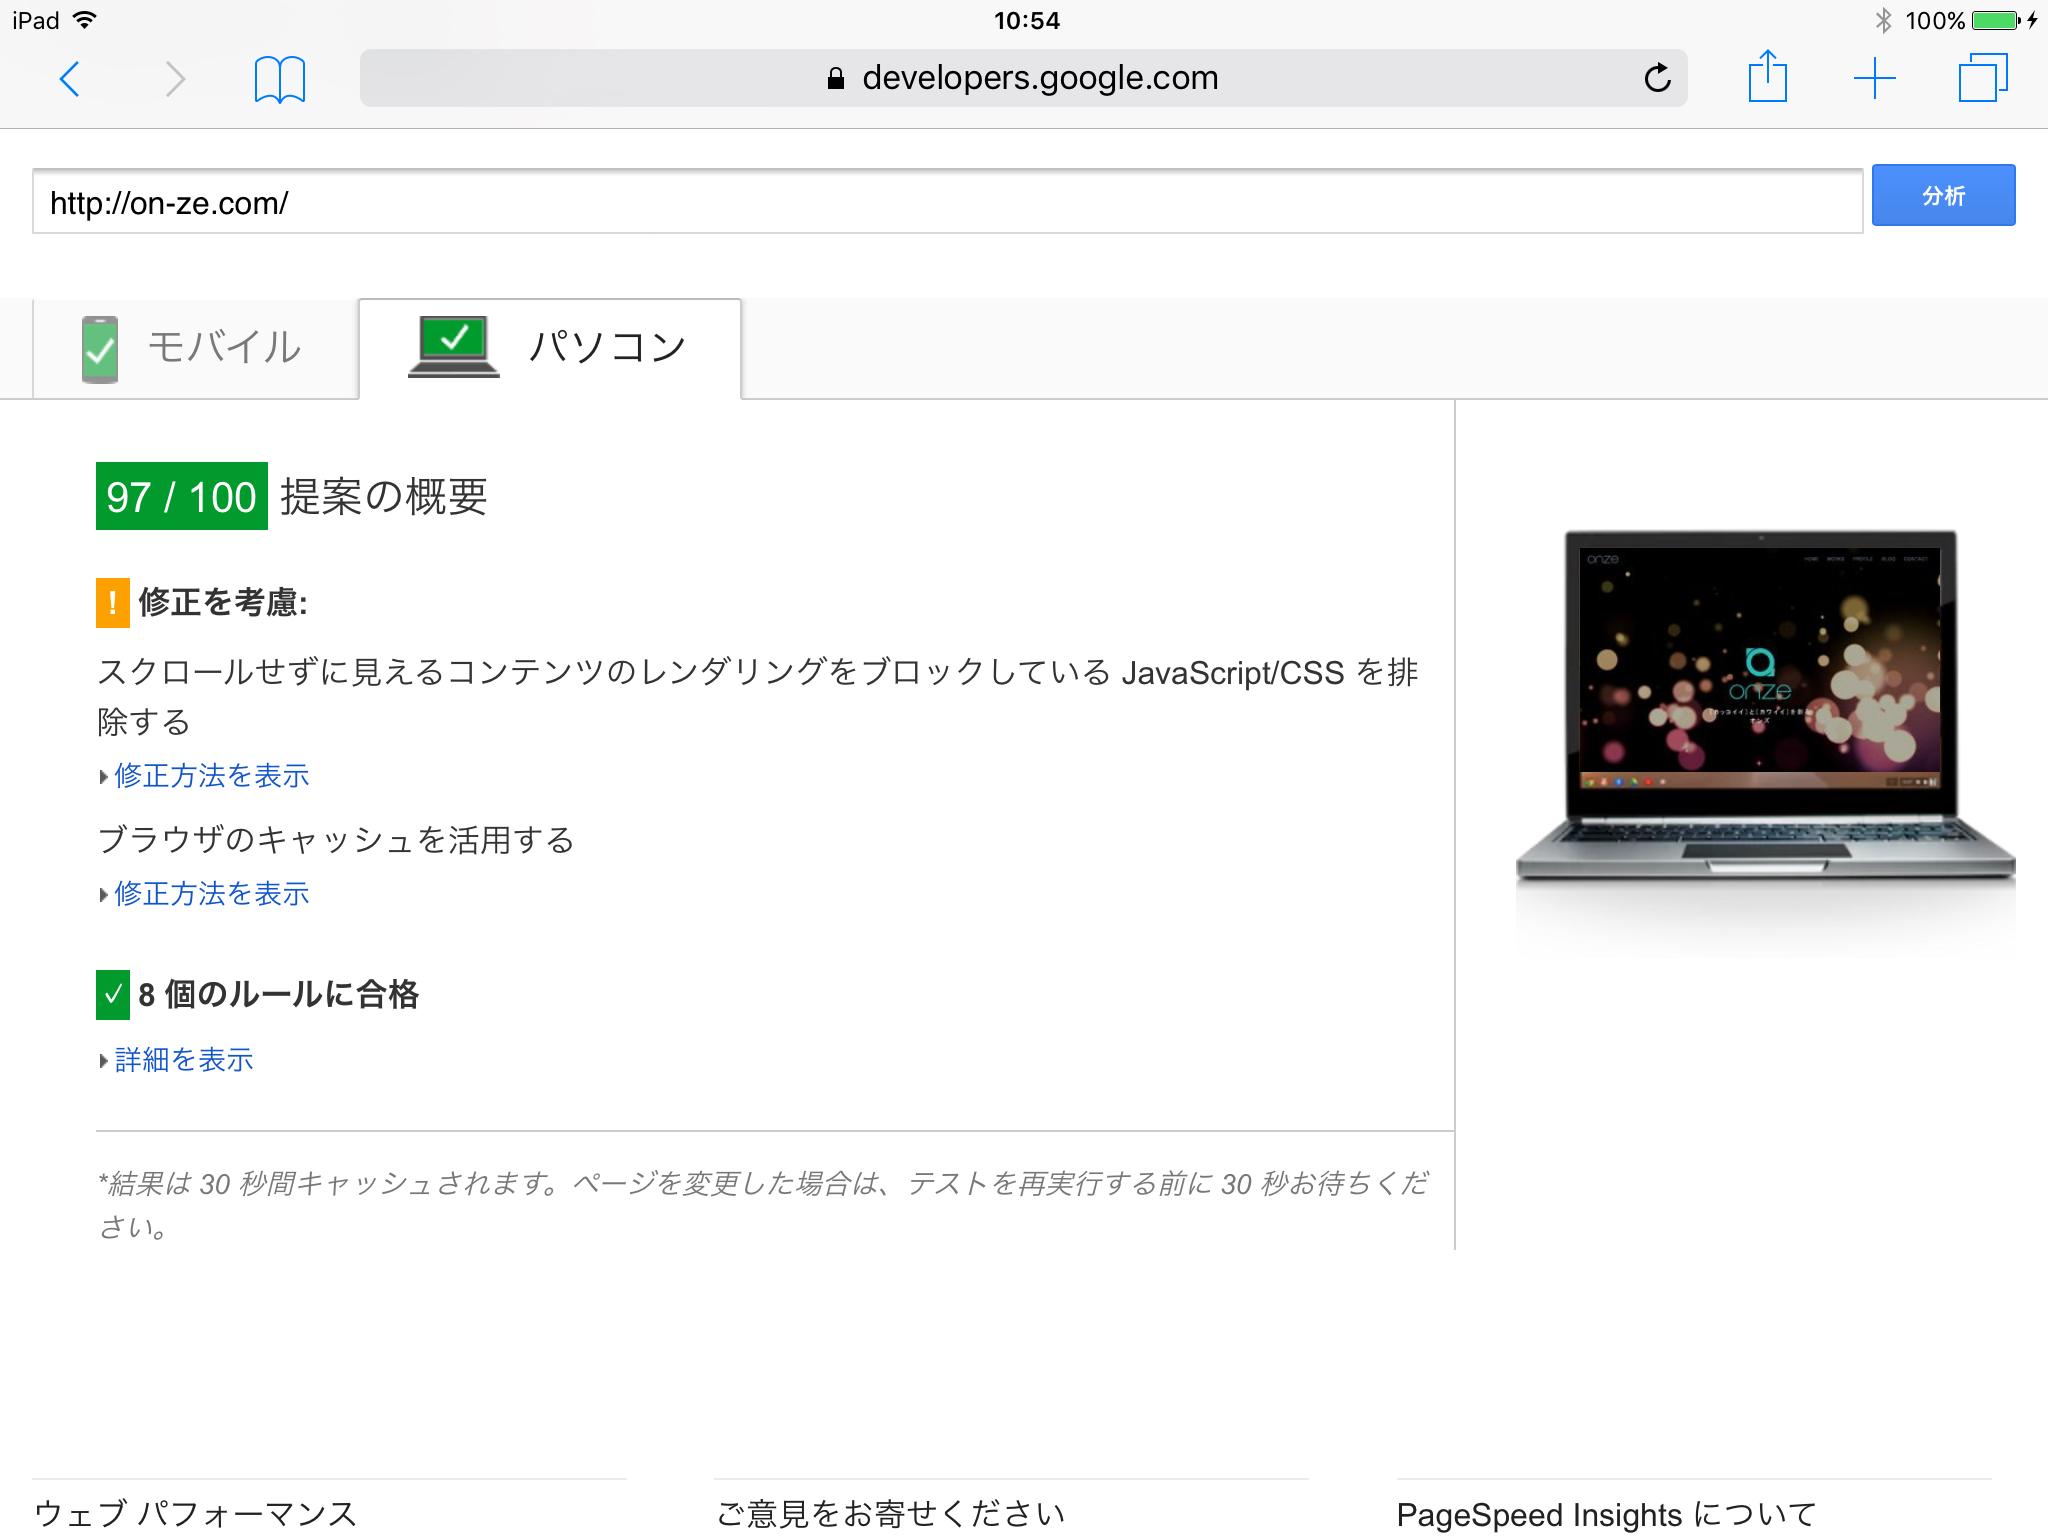 スピードテスト 03 : Google PageSpeed Insights